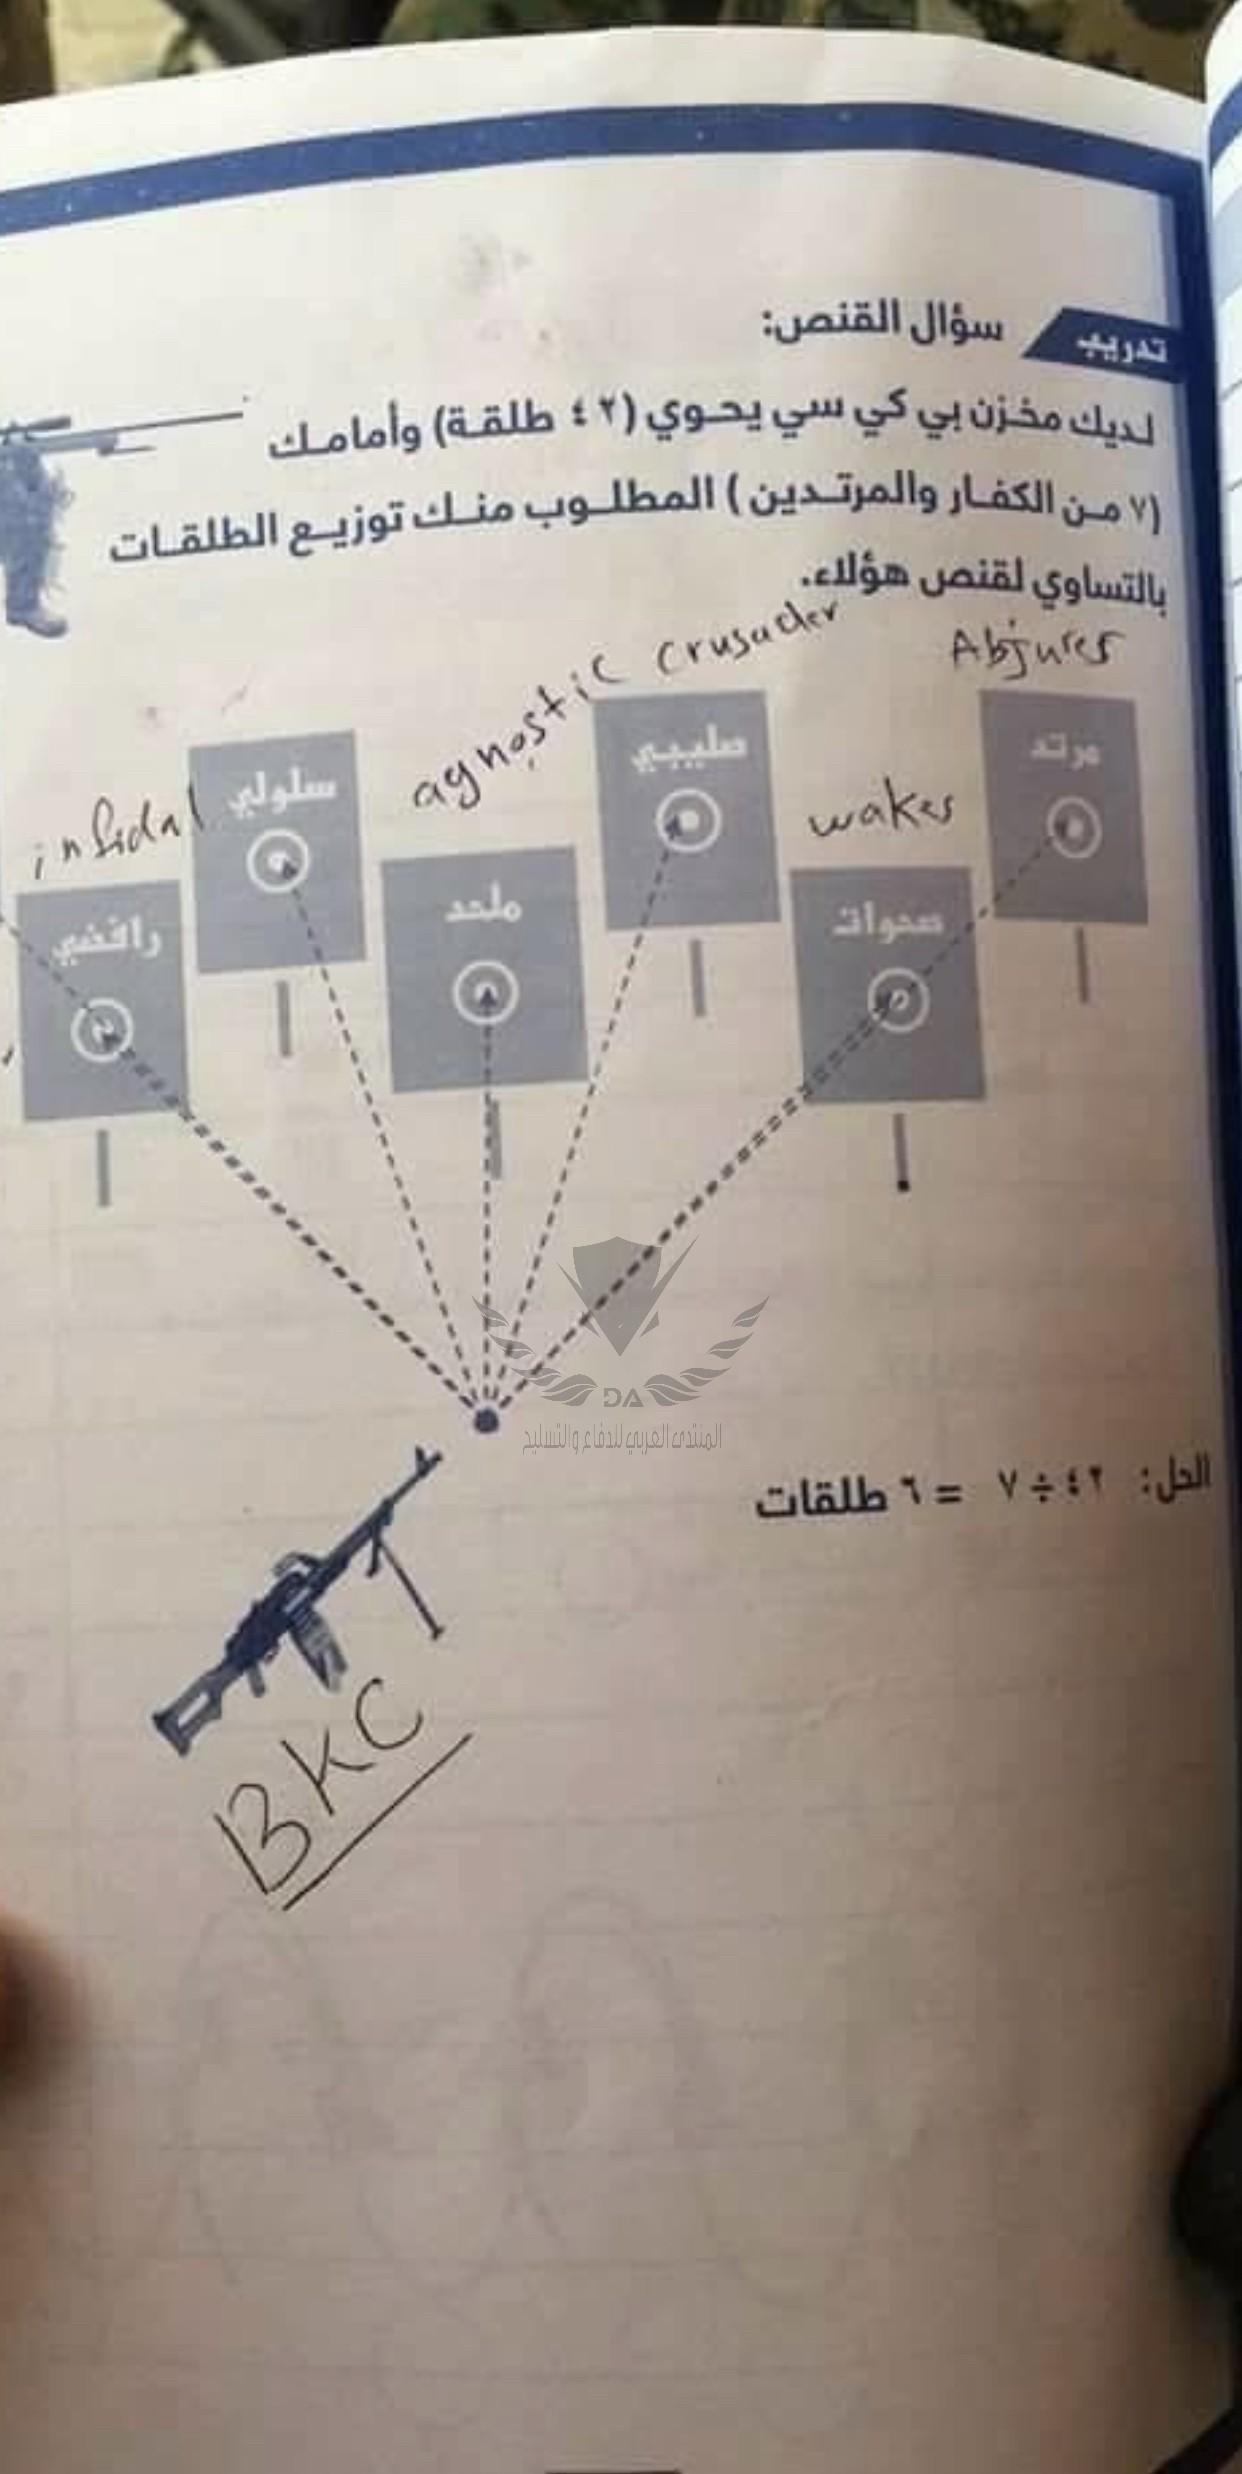 697CBD7A-8024-4EC1-A72A-A404420ABC14.jpeg